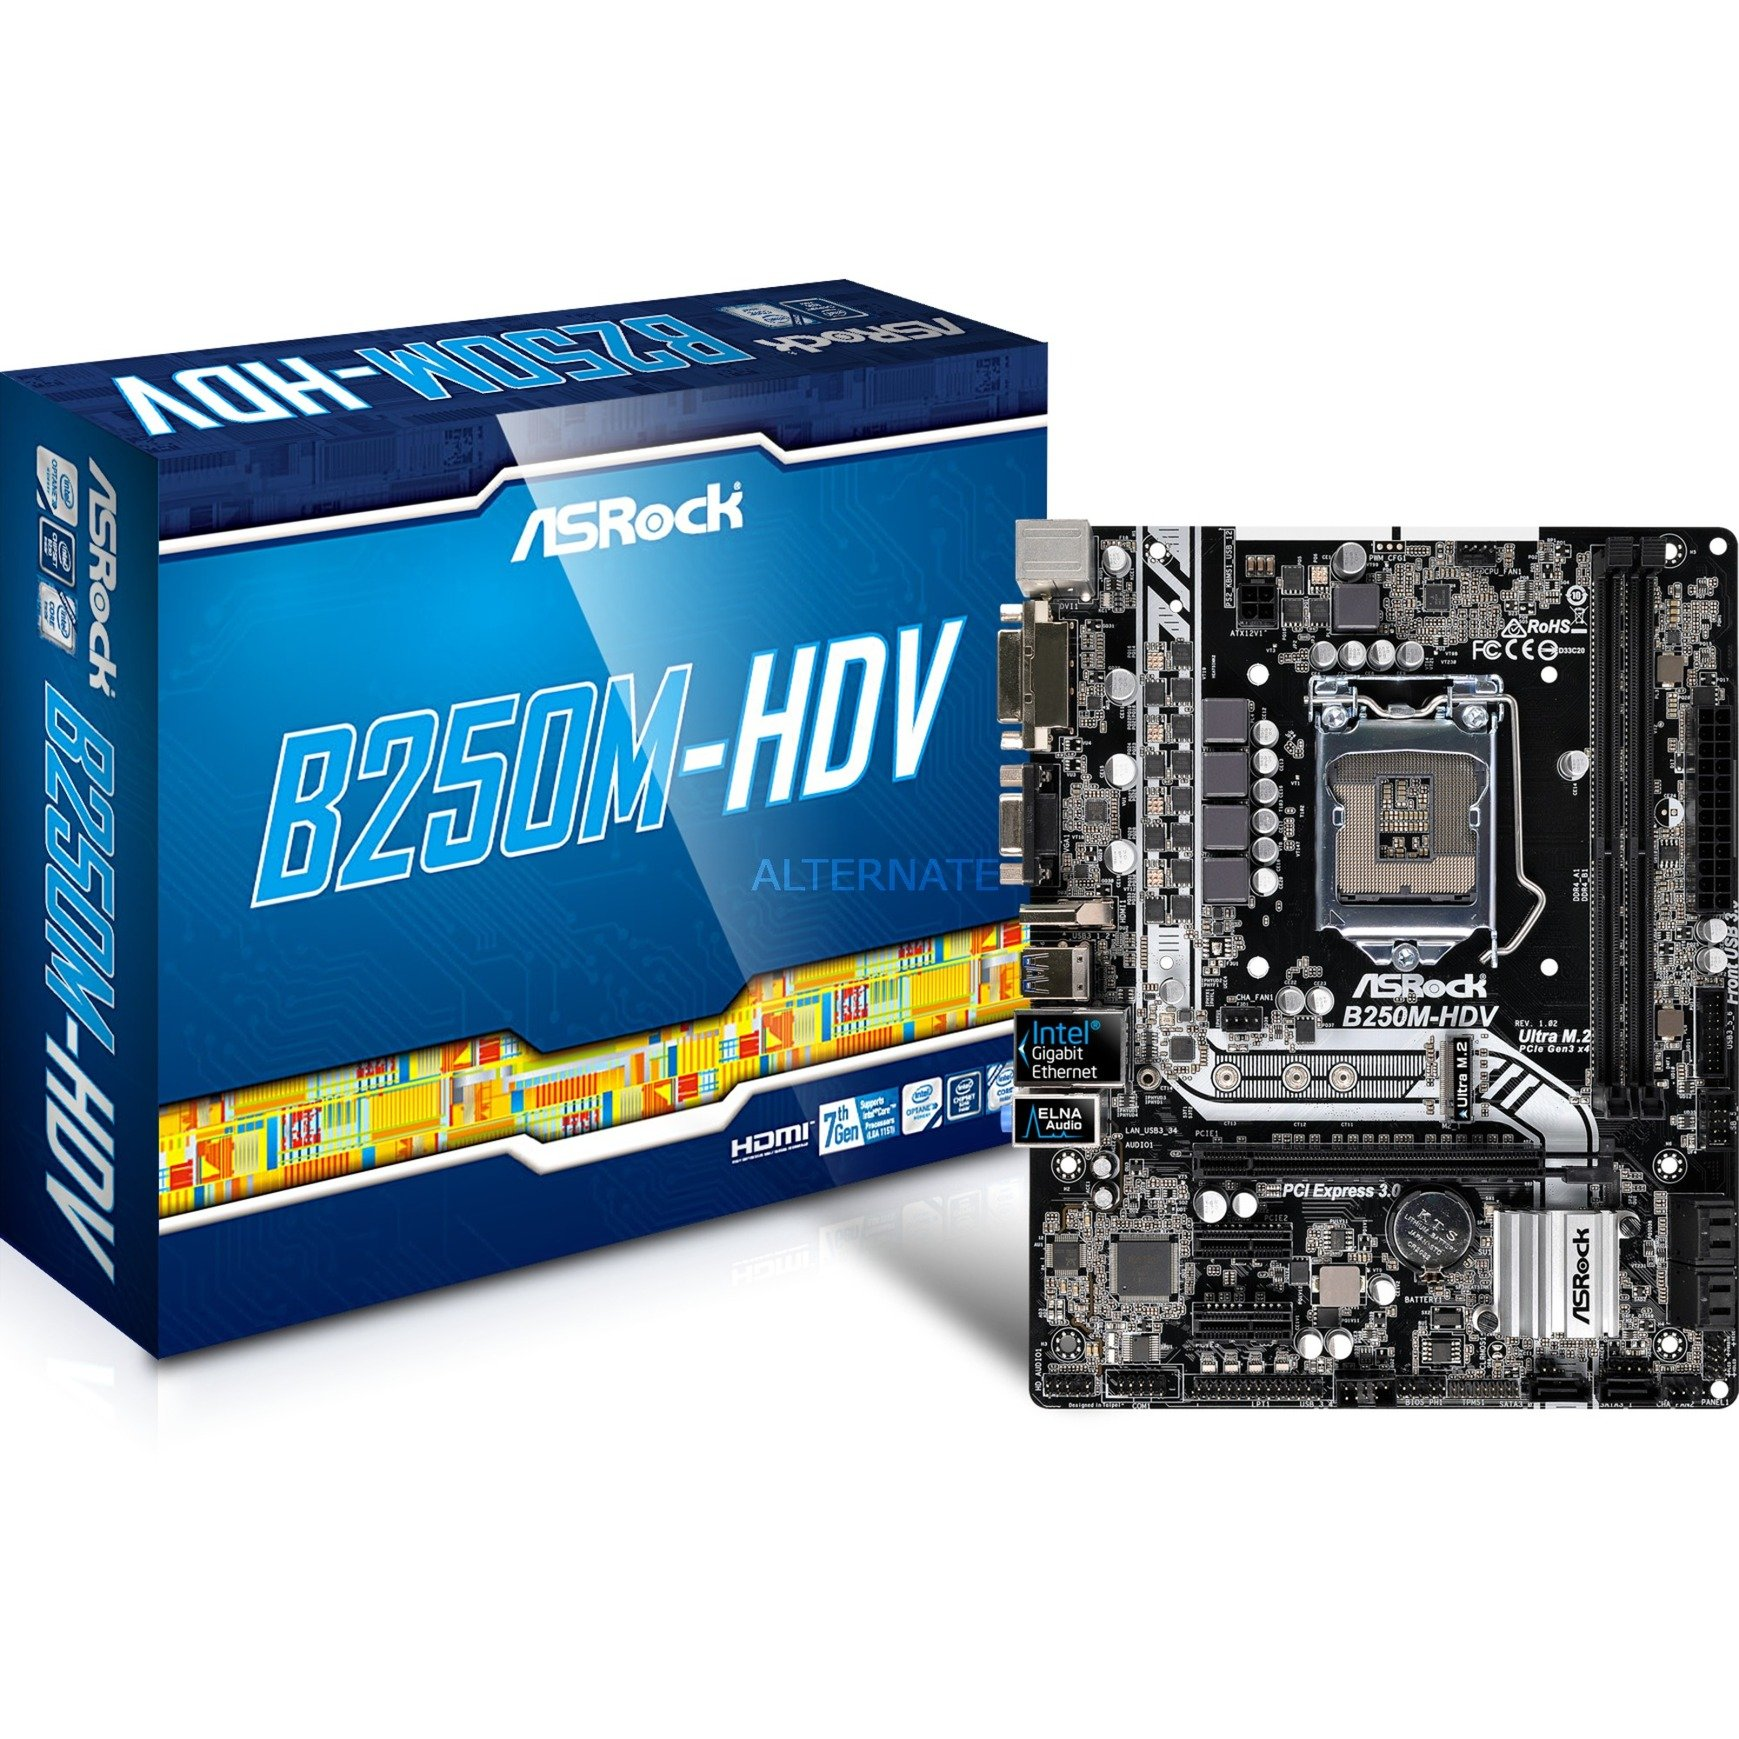 B250M-HDV Intel B250 LGA 1151 (Socket H4) Micro ATX placa base